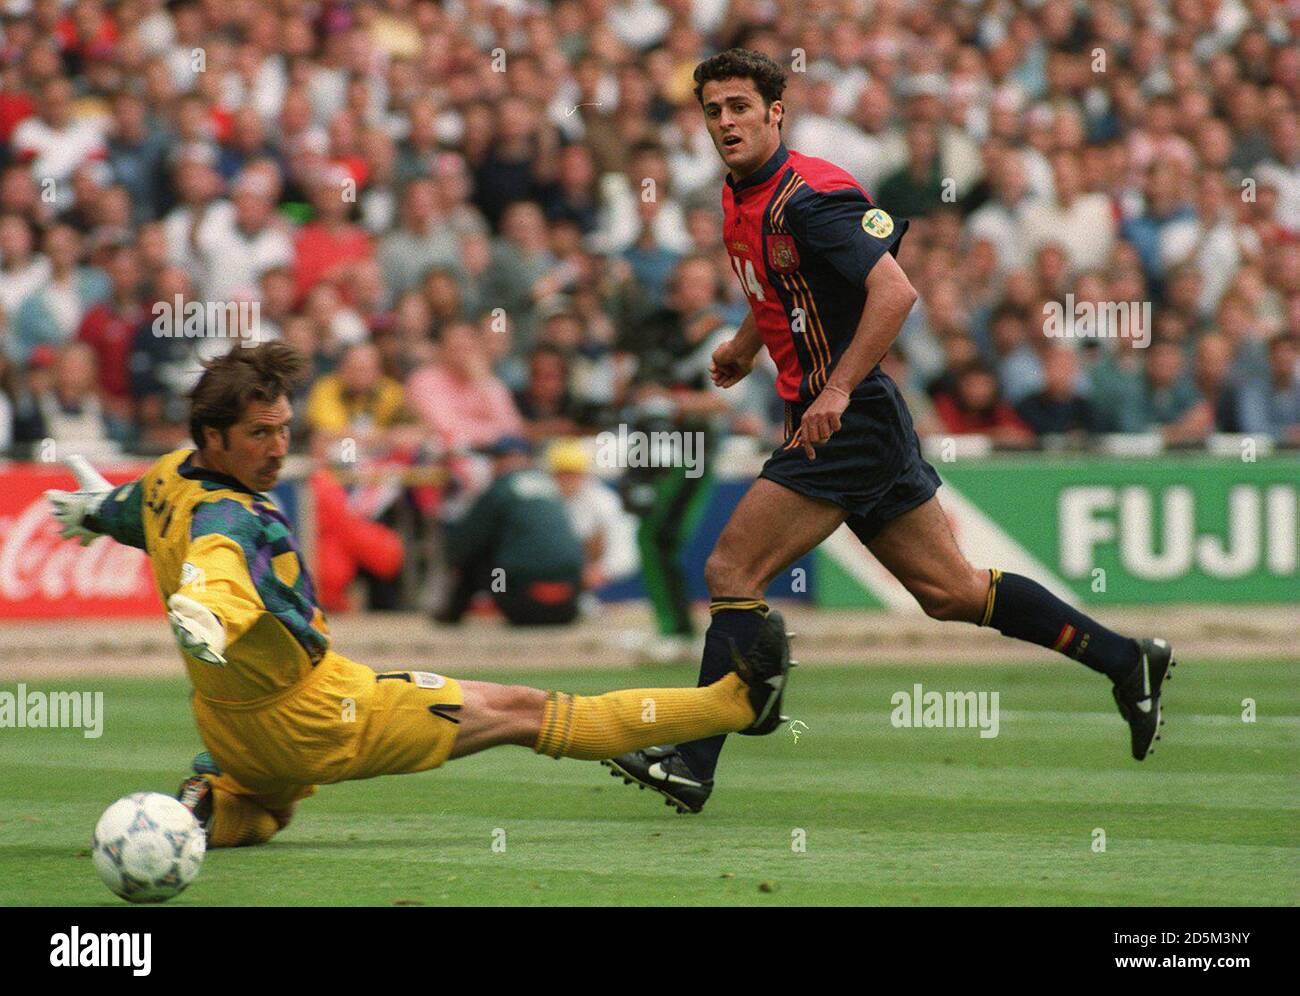 22-JUIN-96 ..Angleterre / Espagne ... Francisco Narvaez Kiko, en Espagne, a dépassé le David Seaman, mais est exclu Banque D'Images